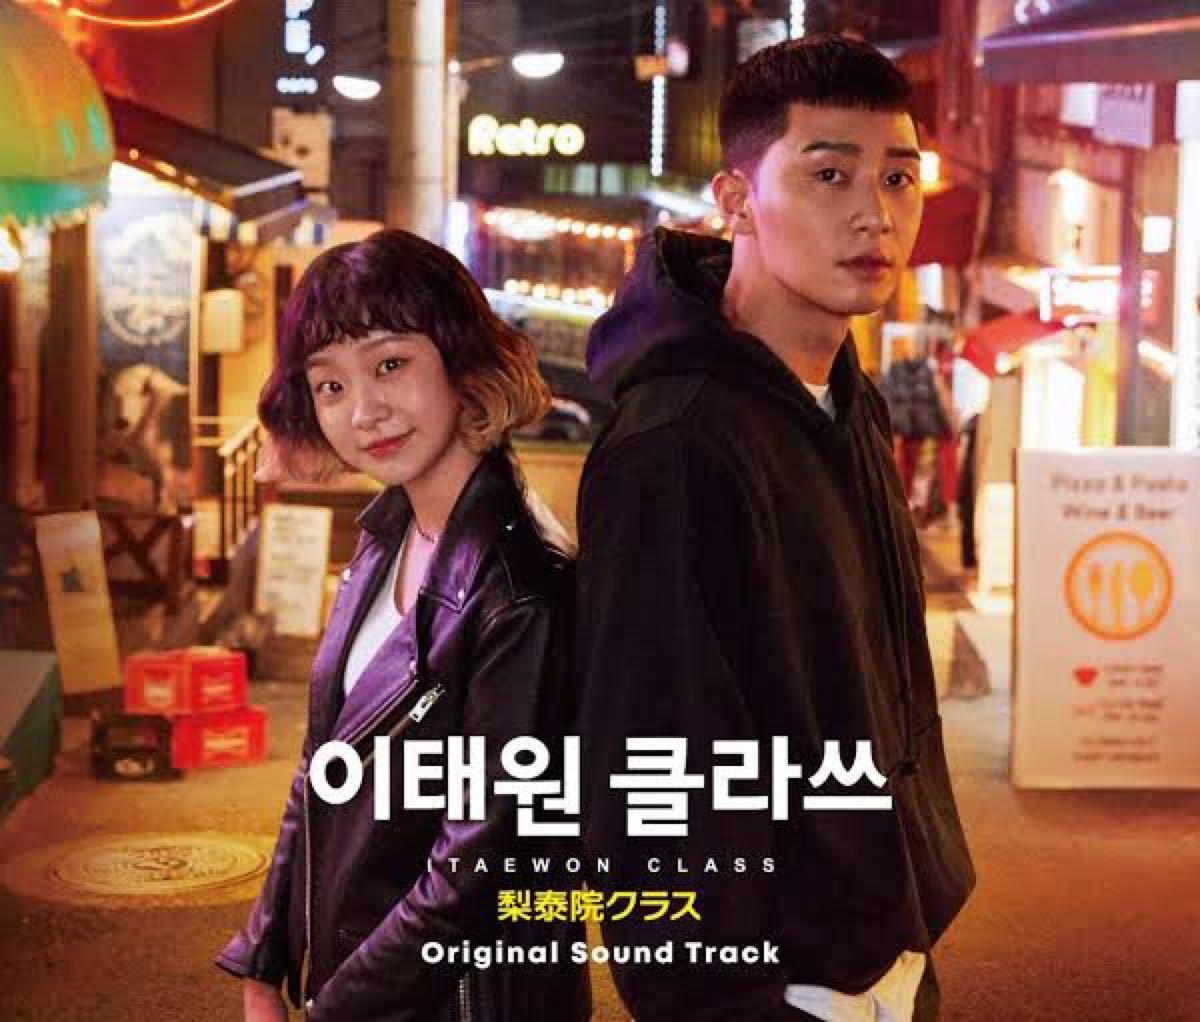 愛の不時着、梨泰院クラス DVD 韓国ドラマ